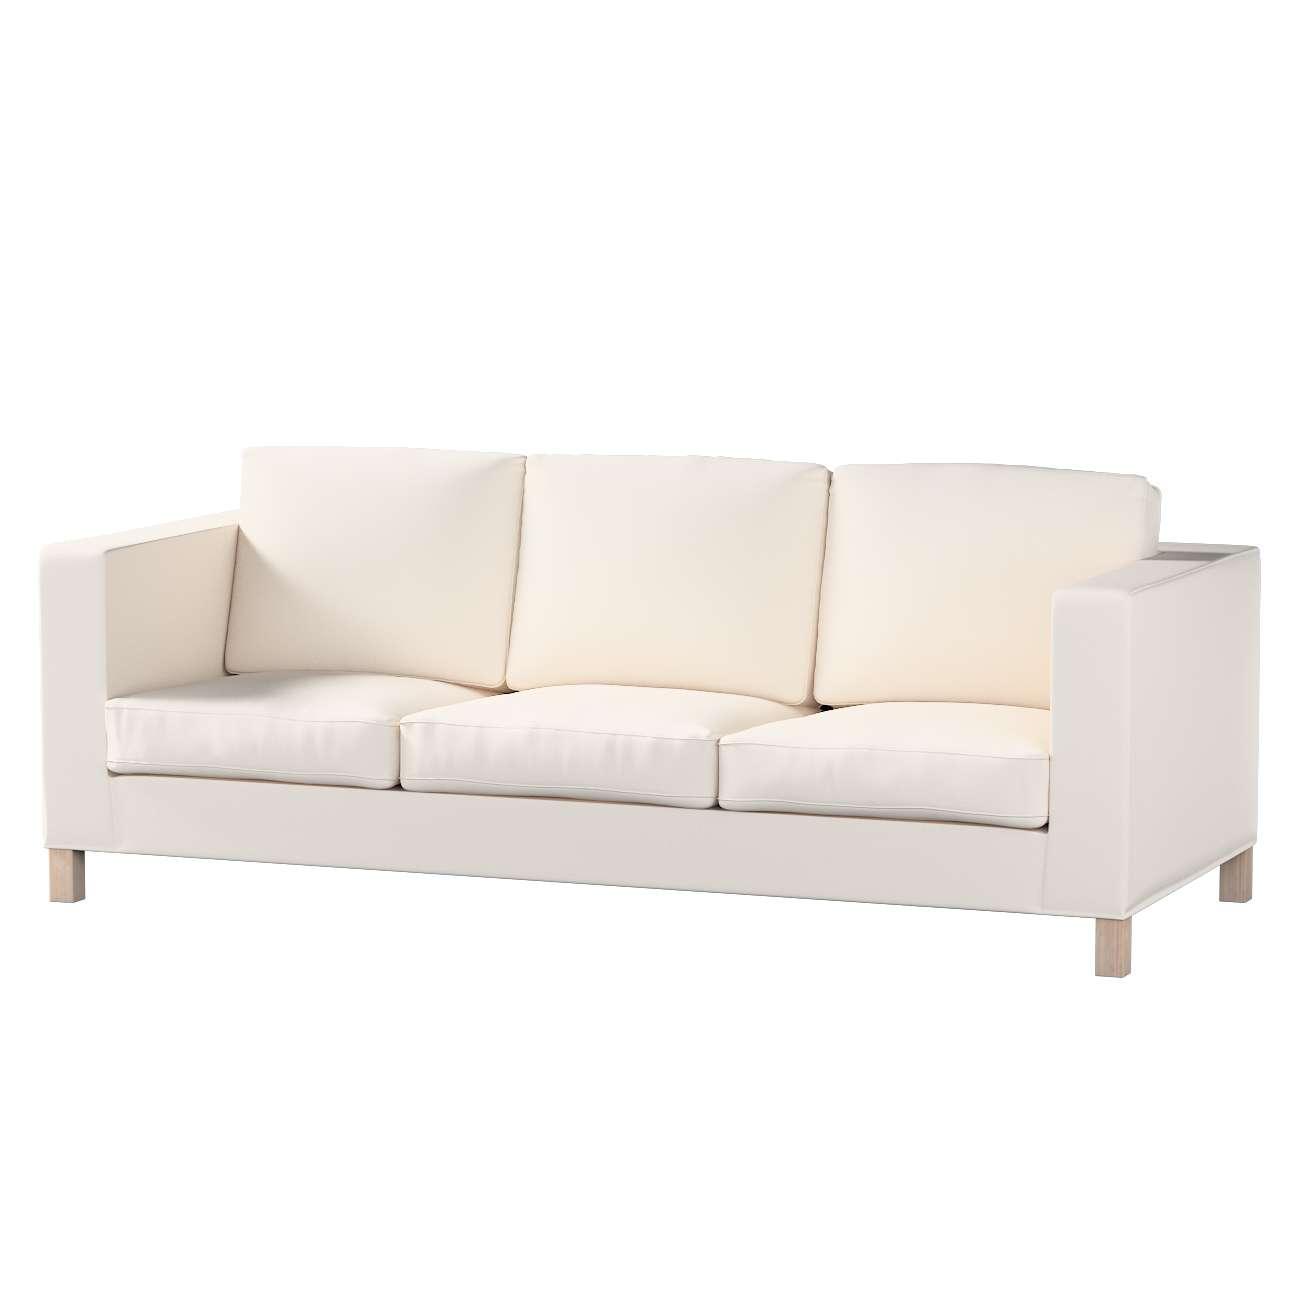 Sofa Kivik Ikea Chaise Longue